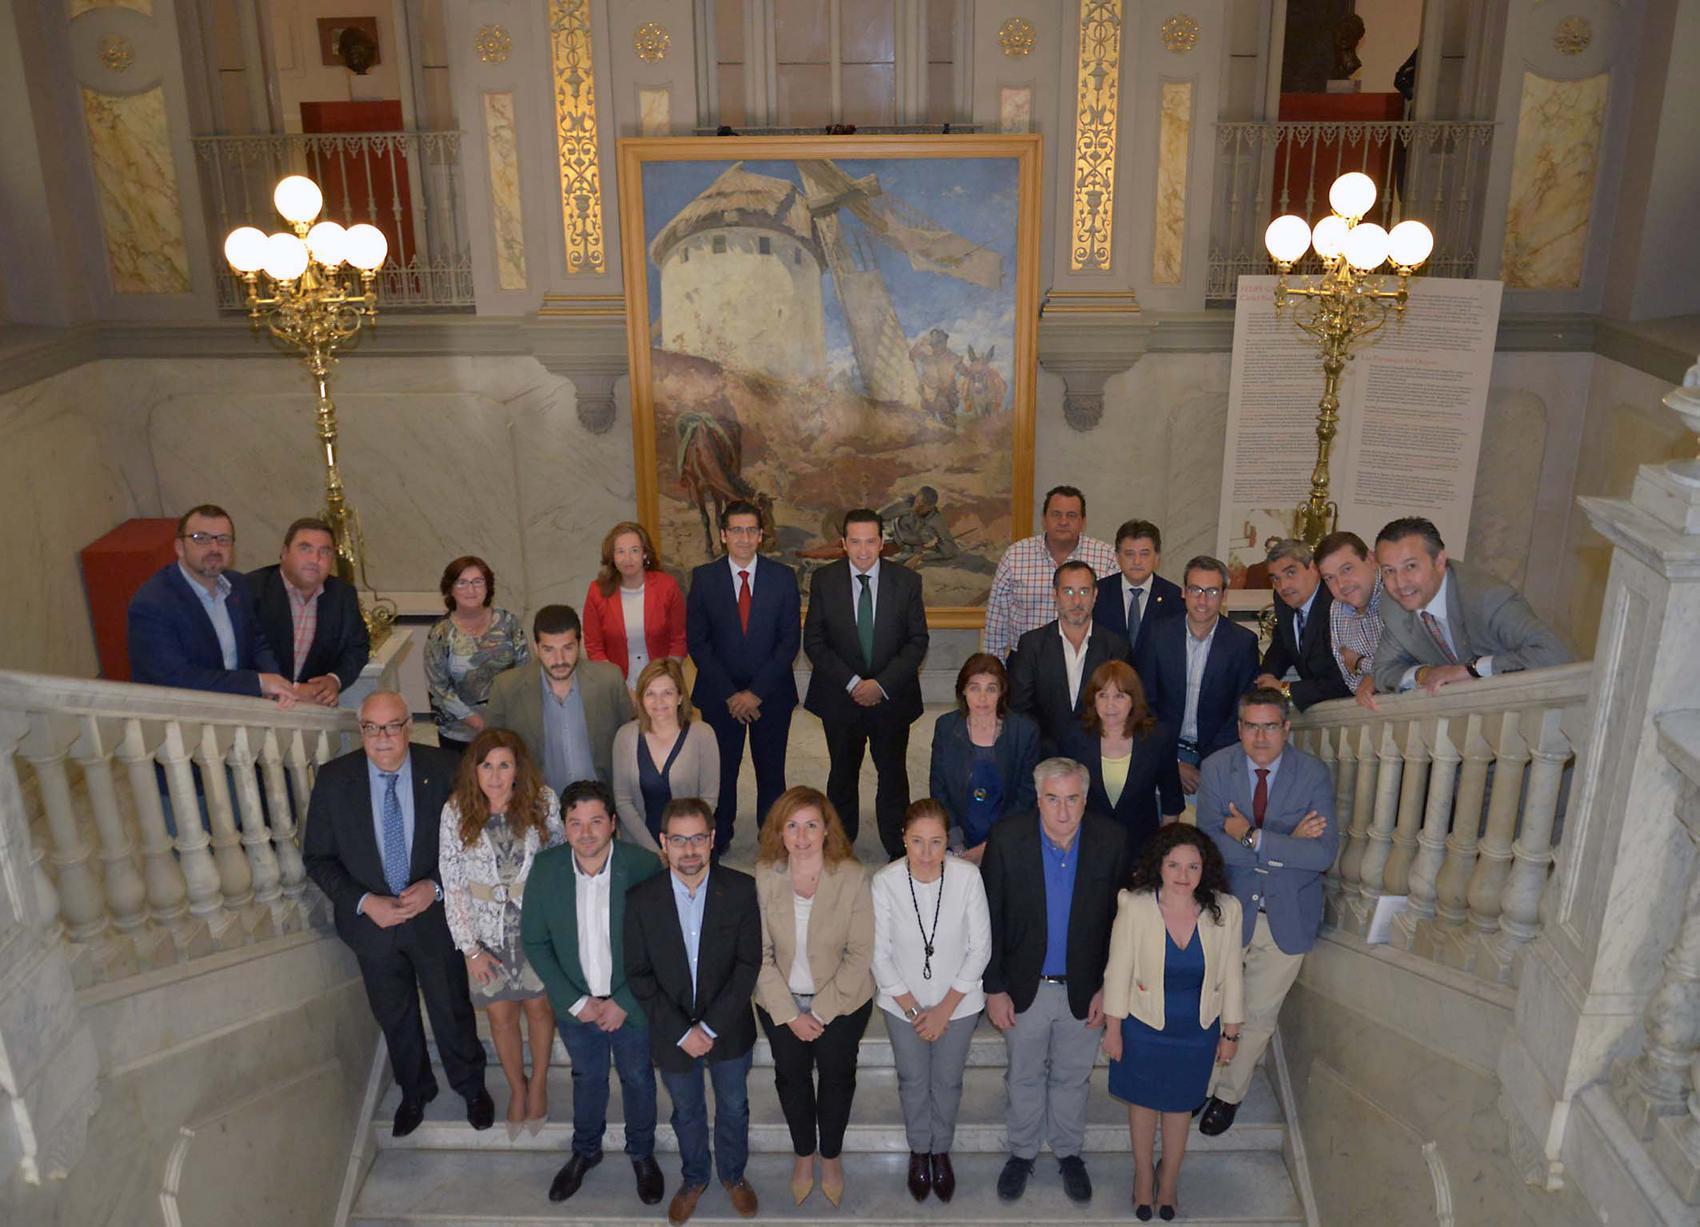 La Corporación Provincial celebra el IV Centenario de la muerte de Miguel de Cervantes